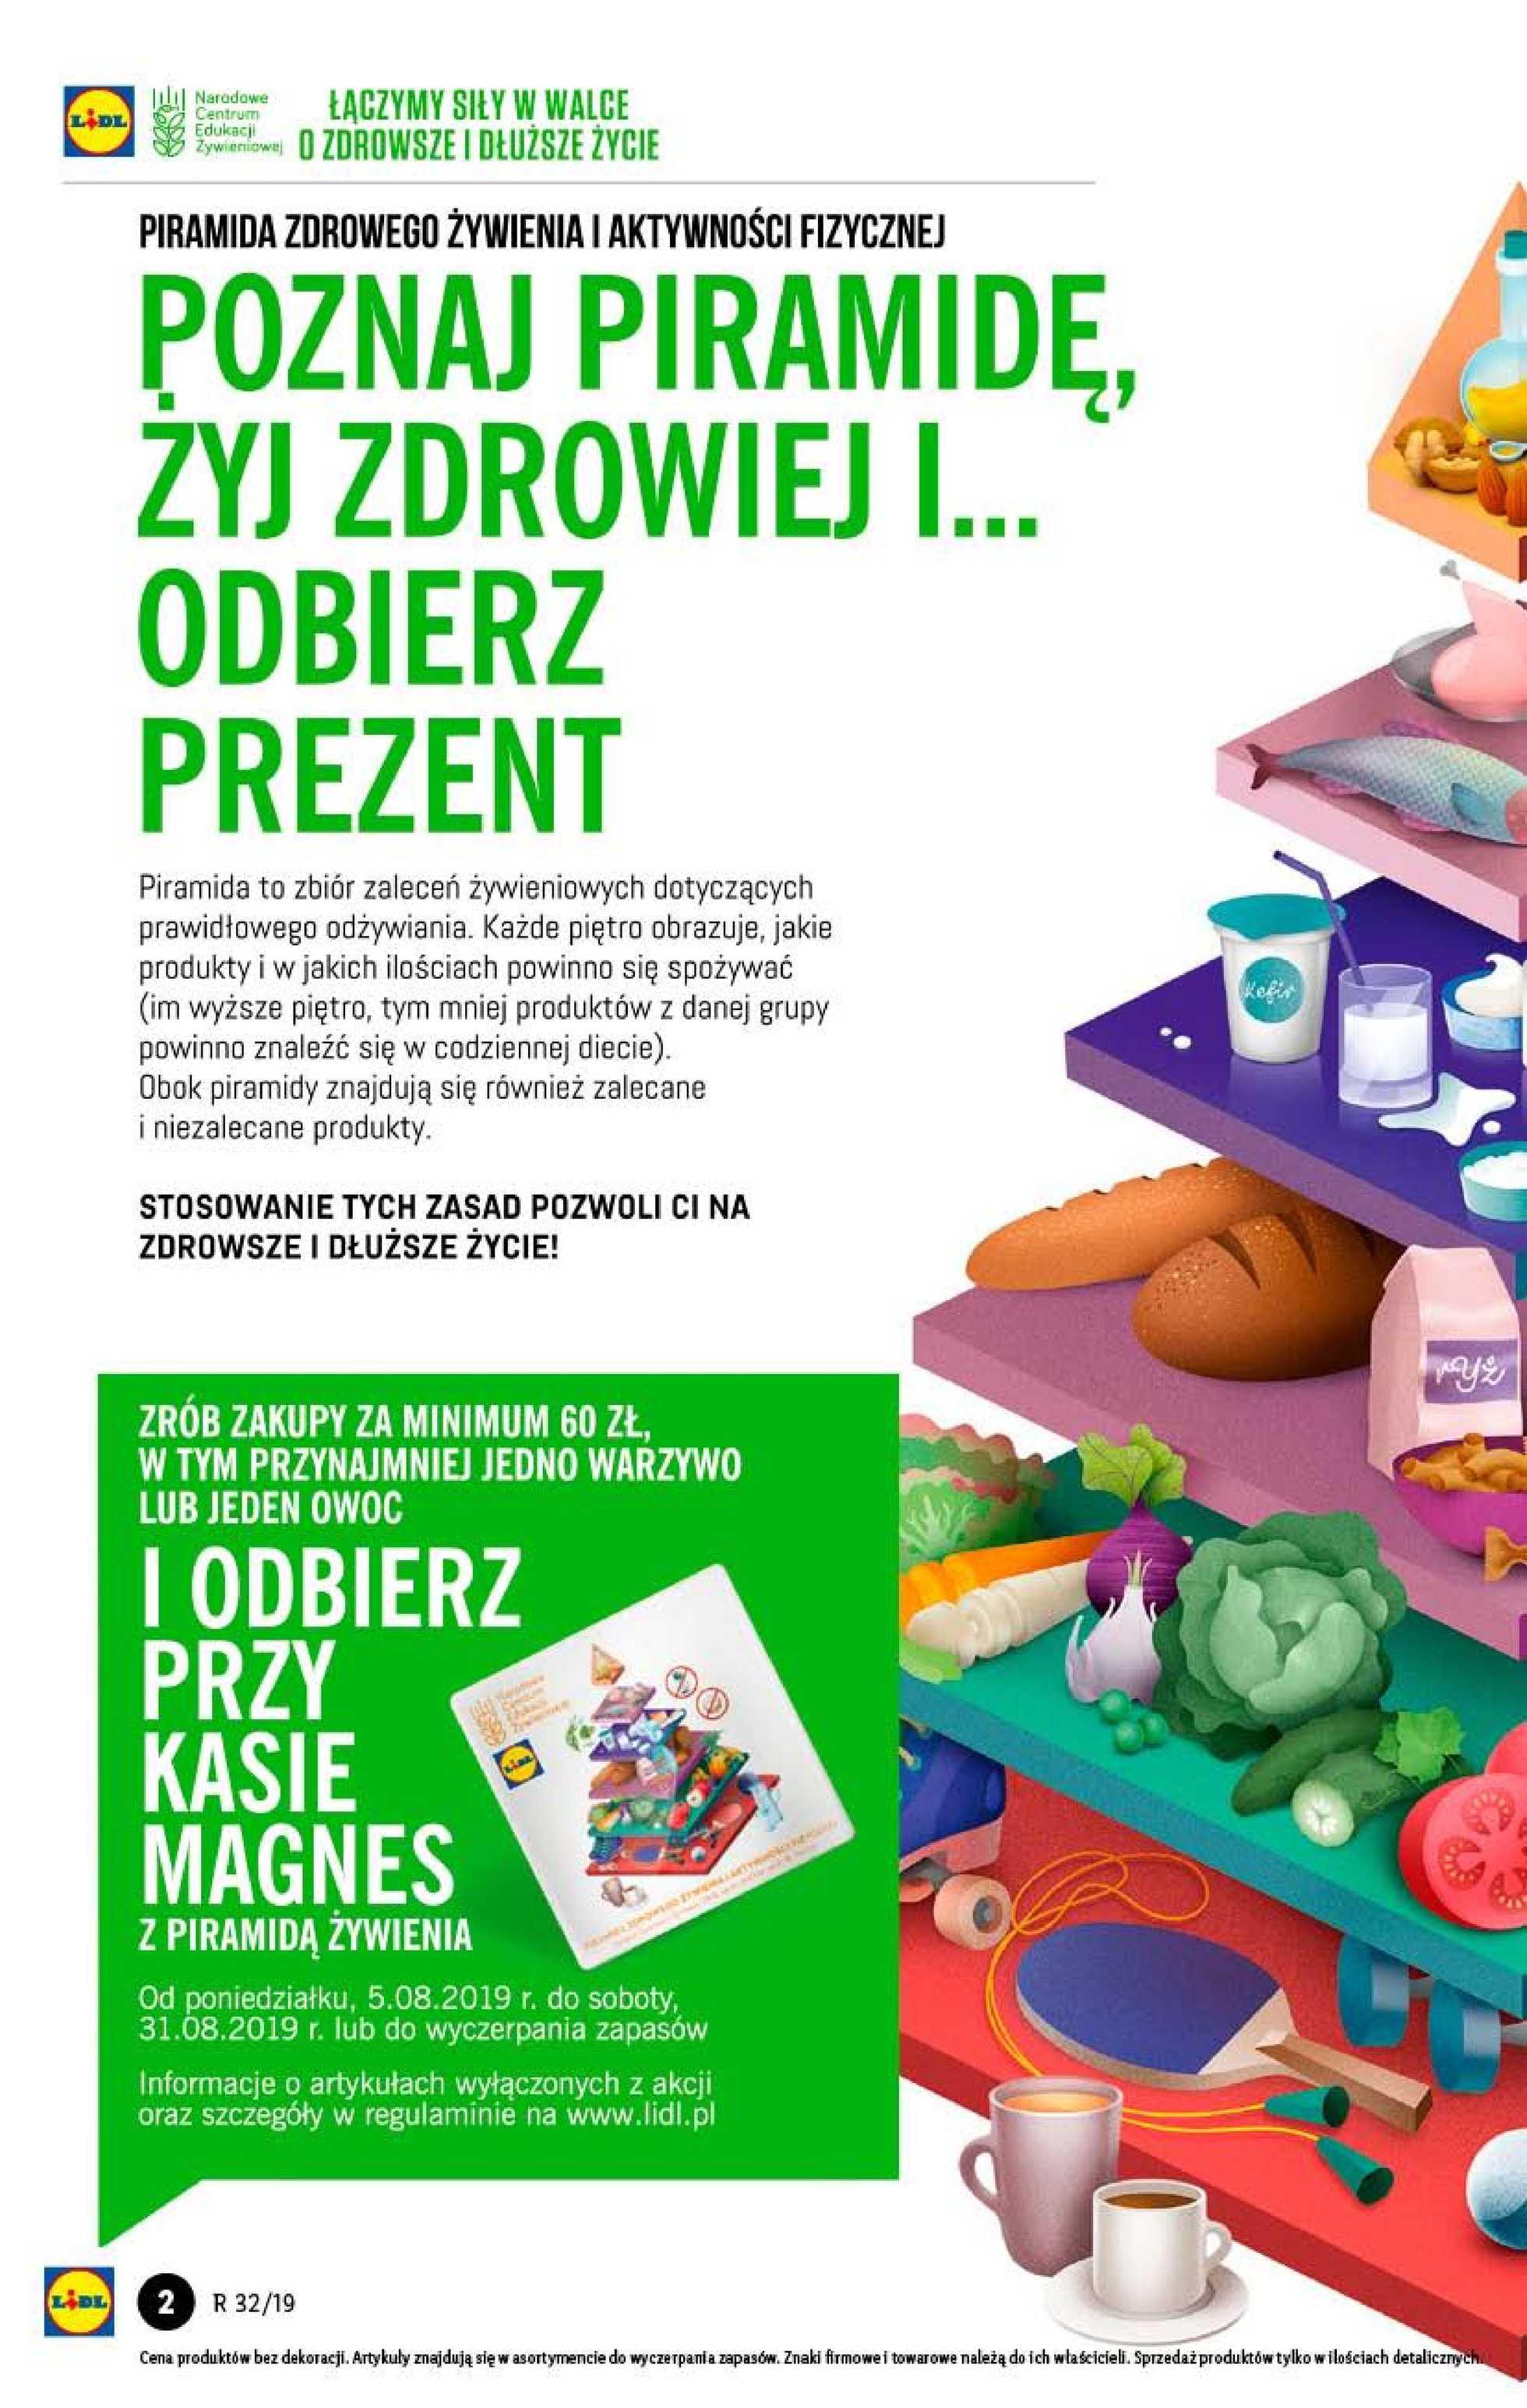 Lidl - gazetka promocyjna ważna od 05.08.2019 do 07.08.2019 - strona 2.